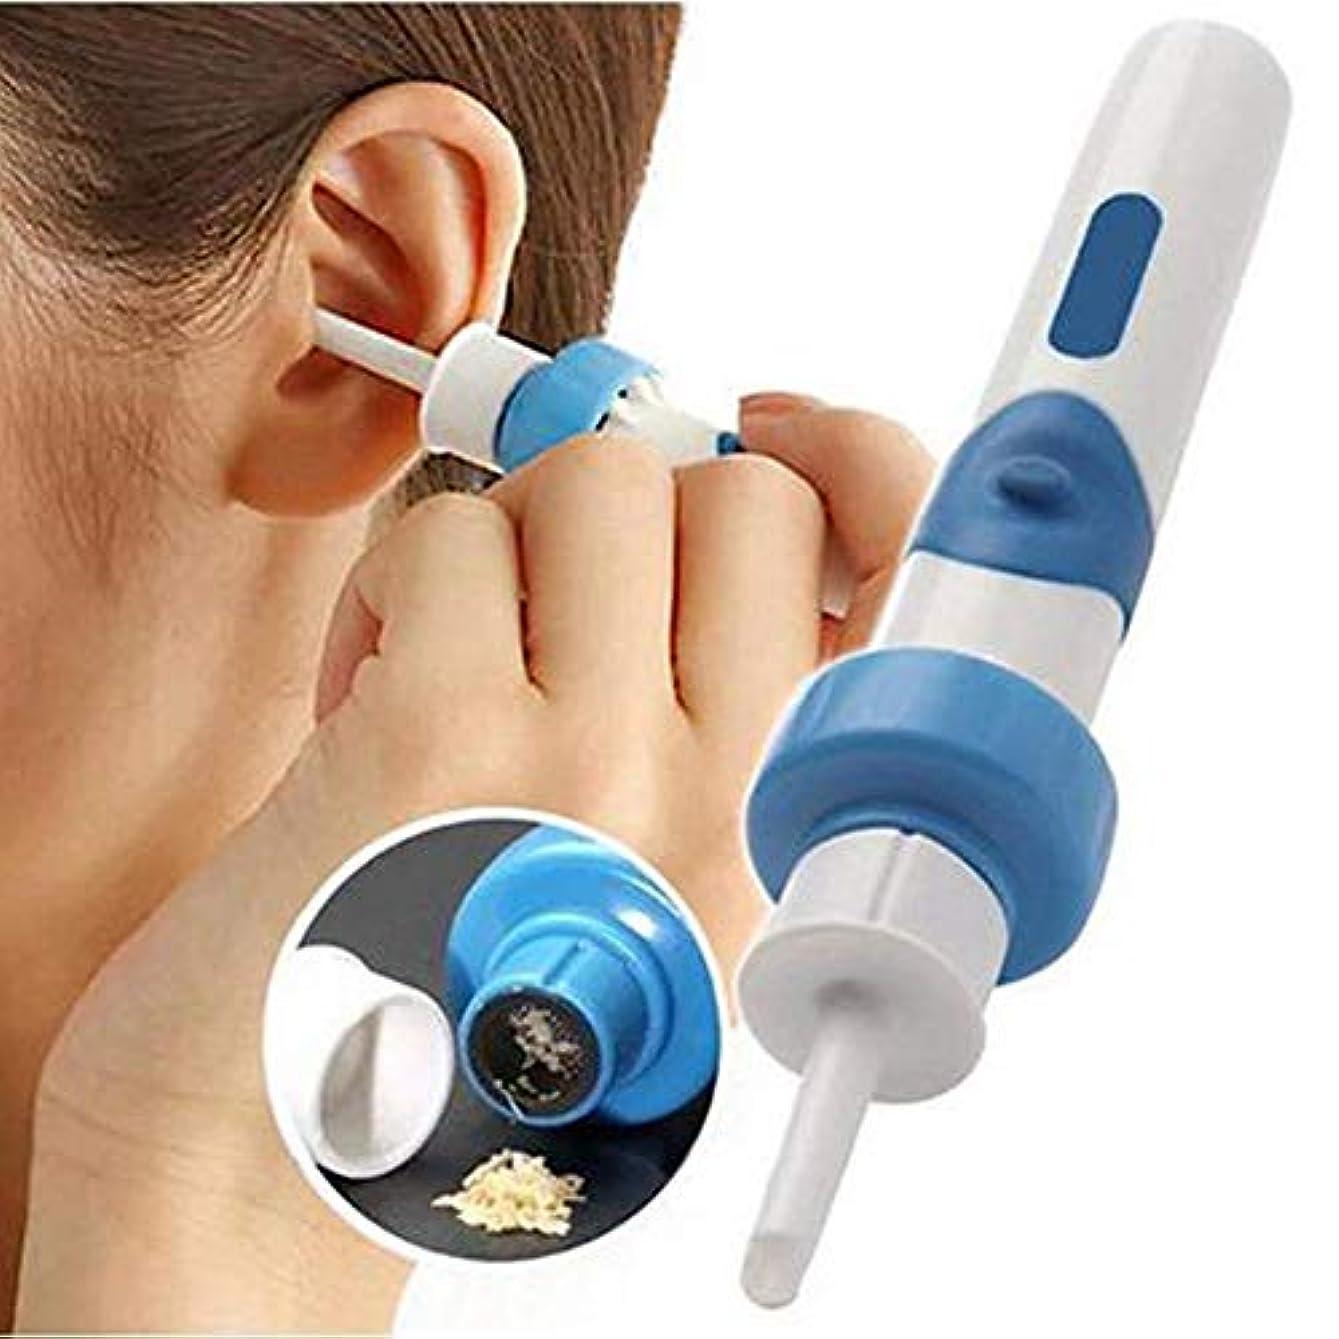 影響代わりにを立てる追放Protable真空耳クリーナーマシン電子クリーニングの耳垢が耳かきクリーナーを防ぐ耳ピッククリーンツールケアを削除します。